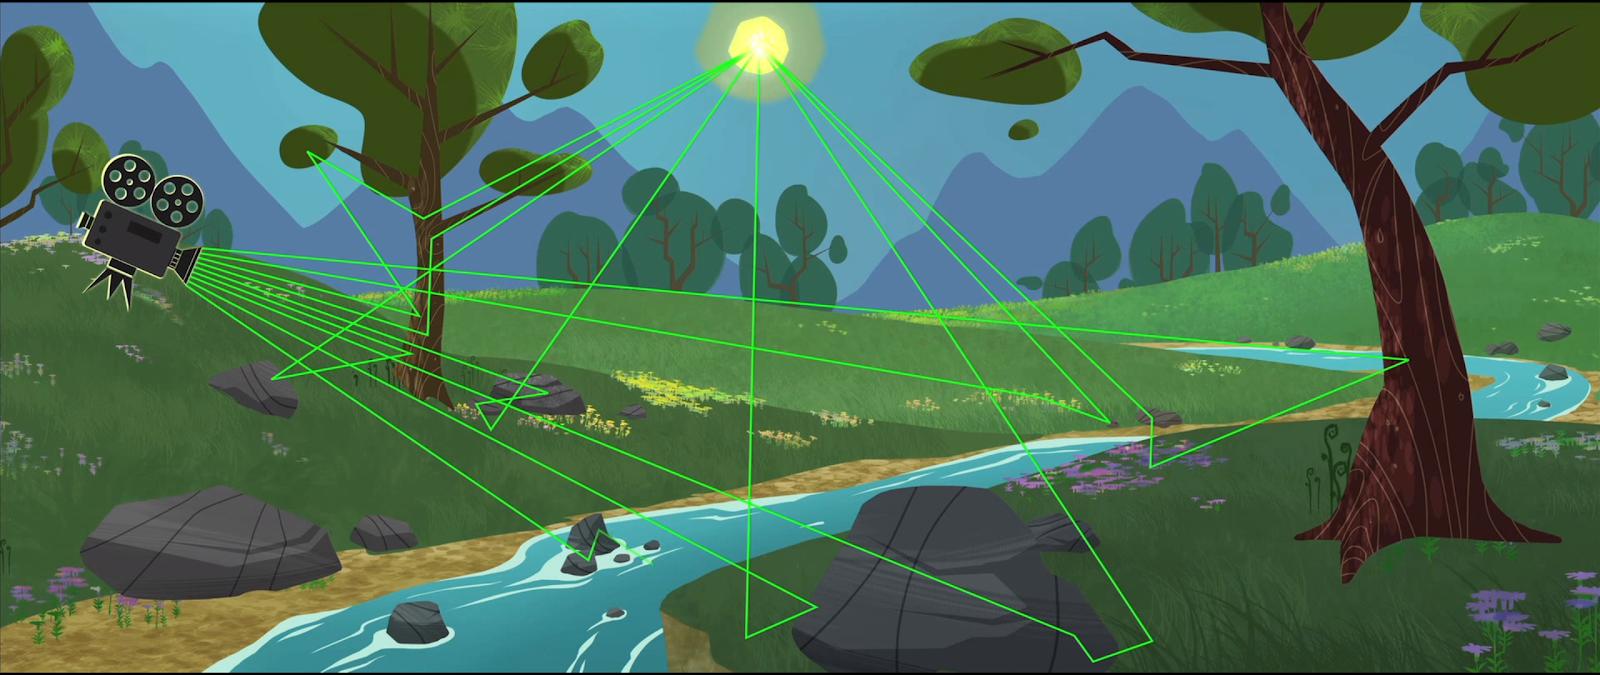 Como funciona Ray Tracing